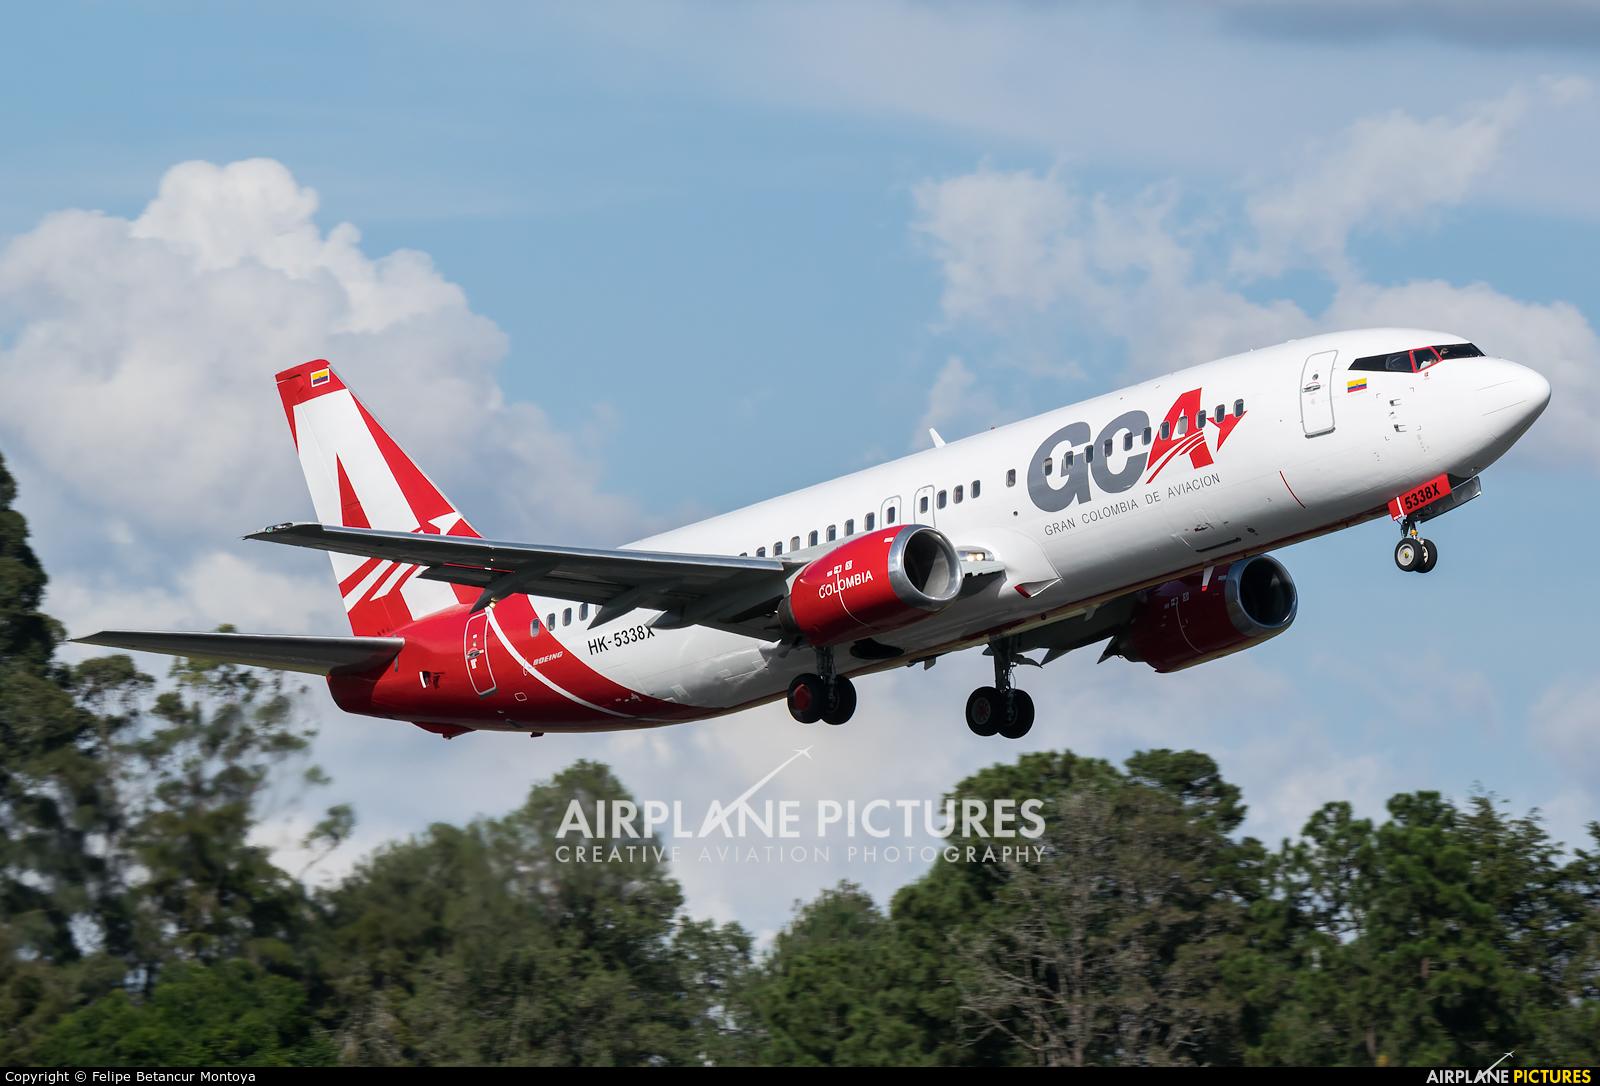 Gran Colombia de Aviación (GCA Airlines) HK-5338X aircraft at Medellin - Jose Maria Cordova Intl